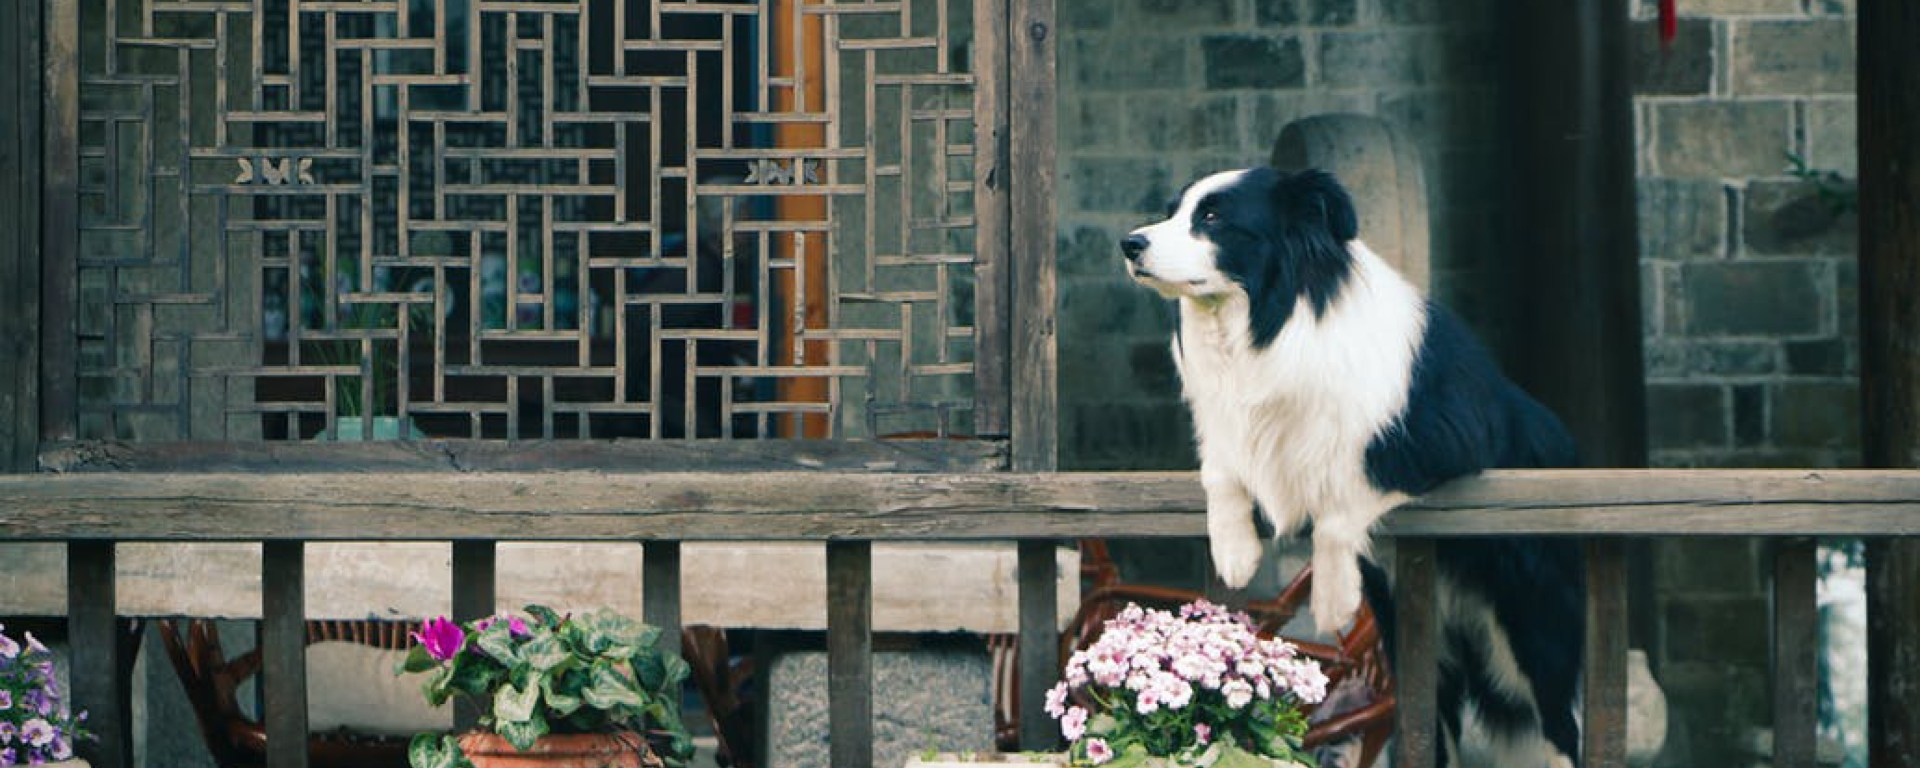 black and white dog on fence